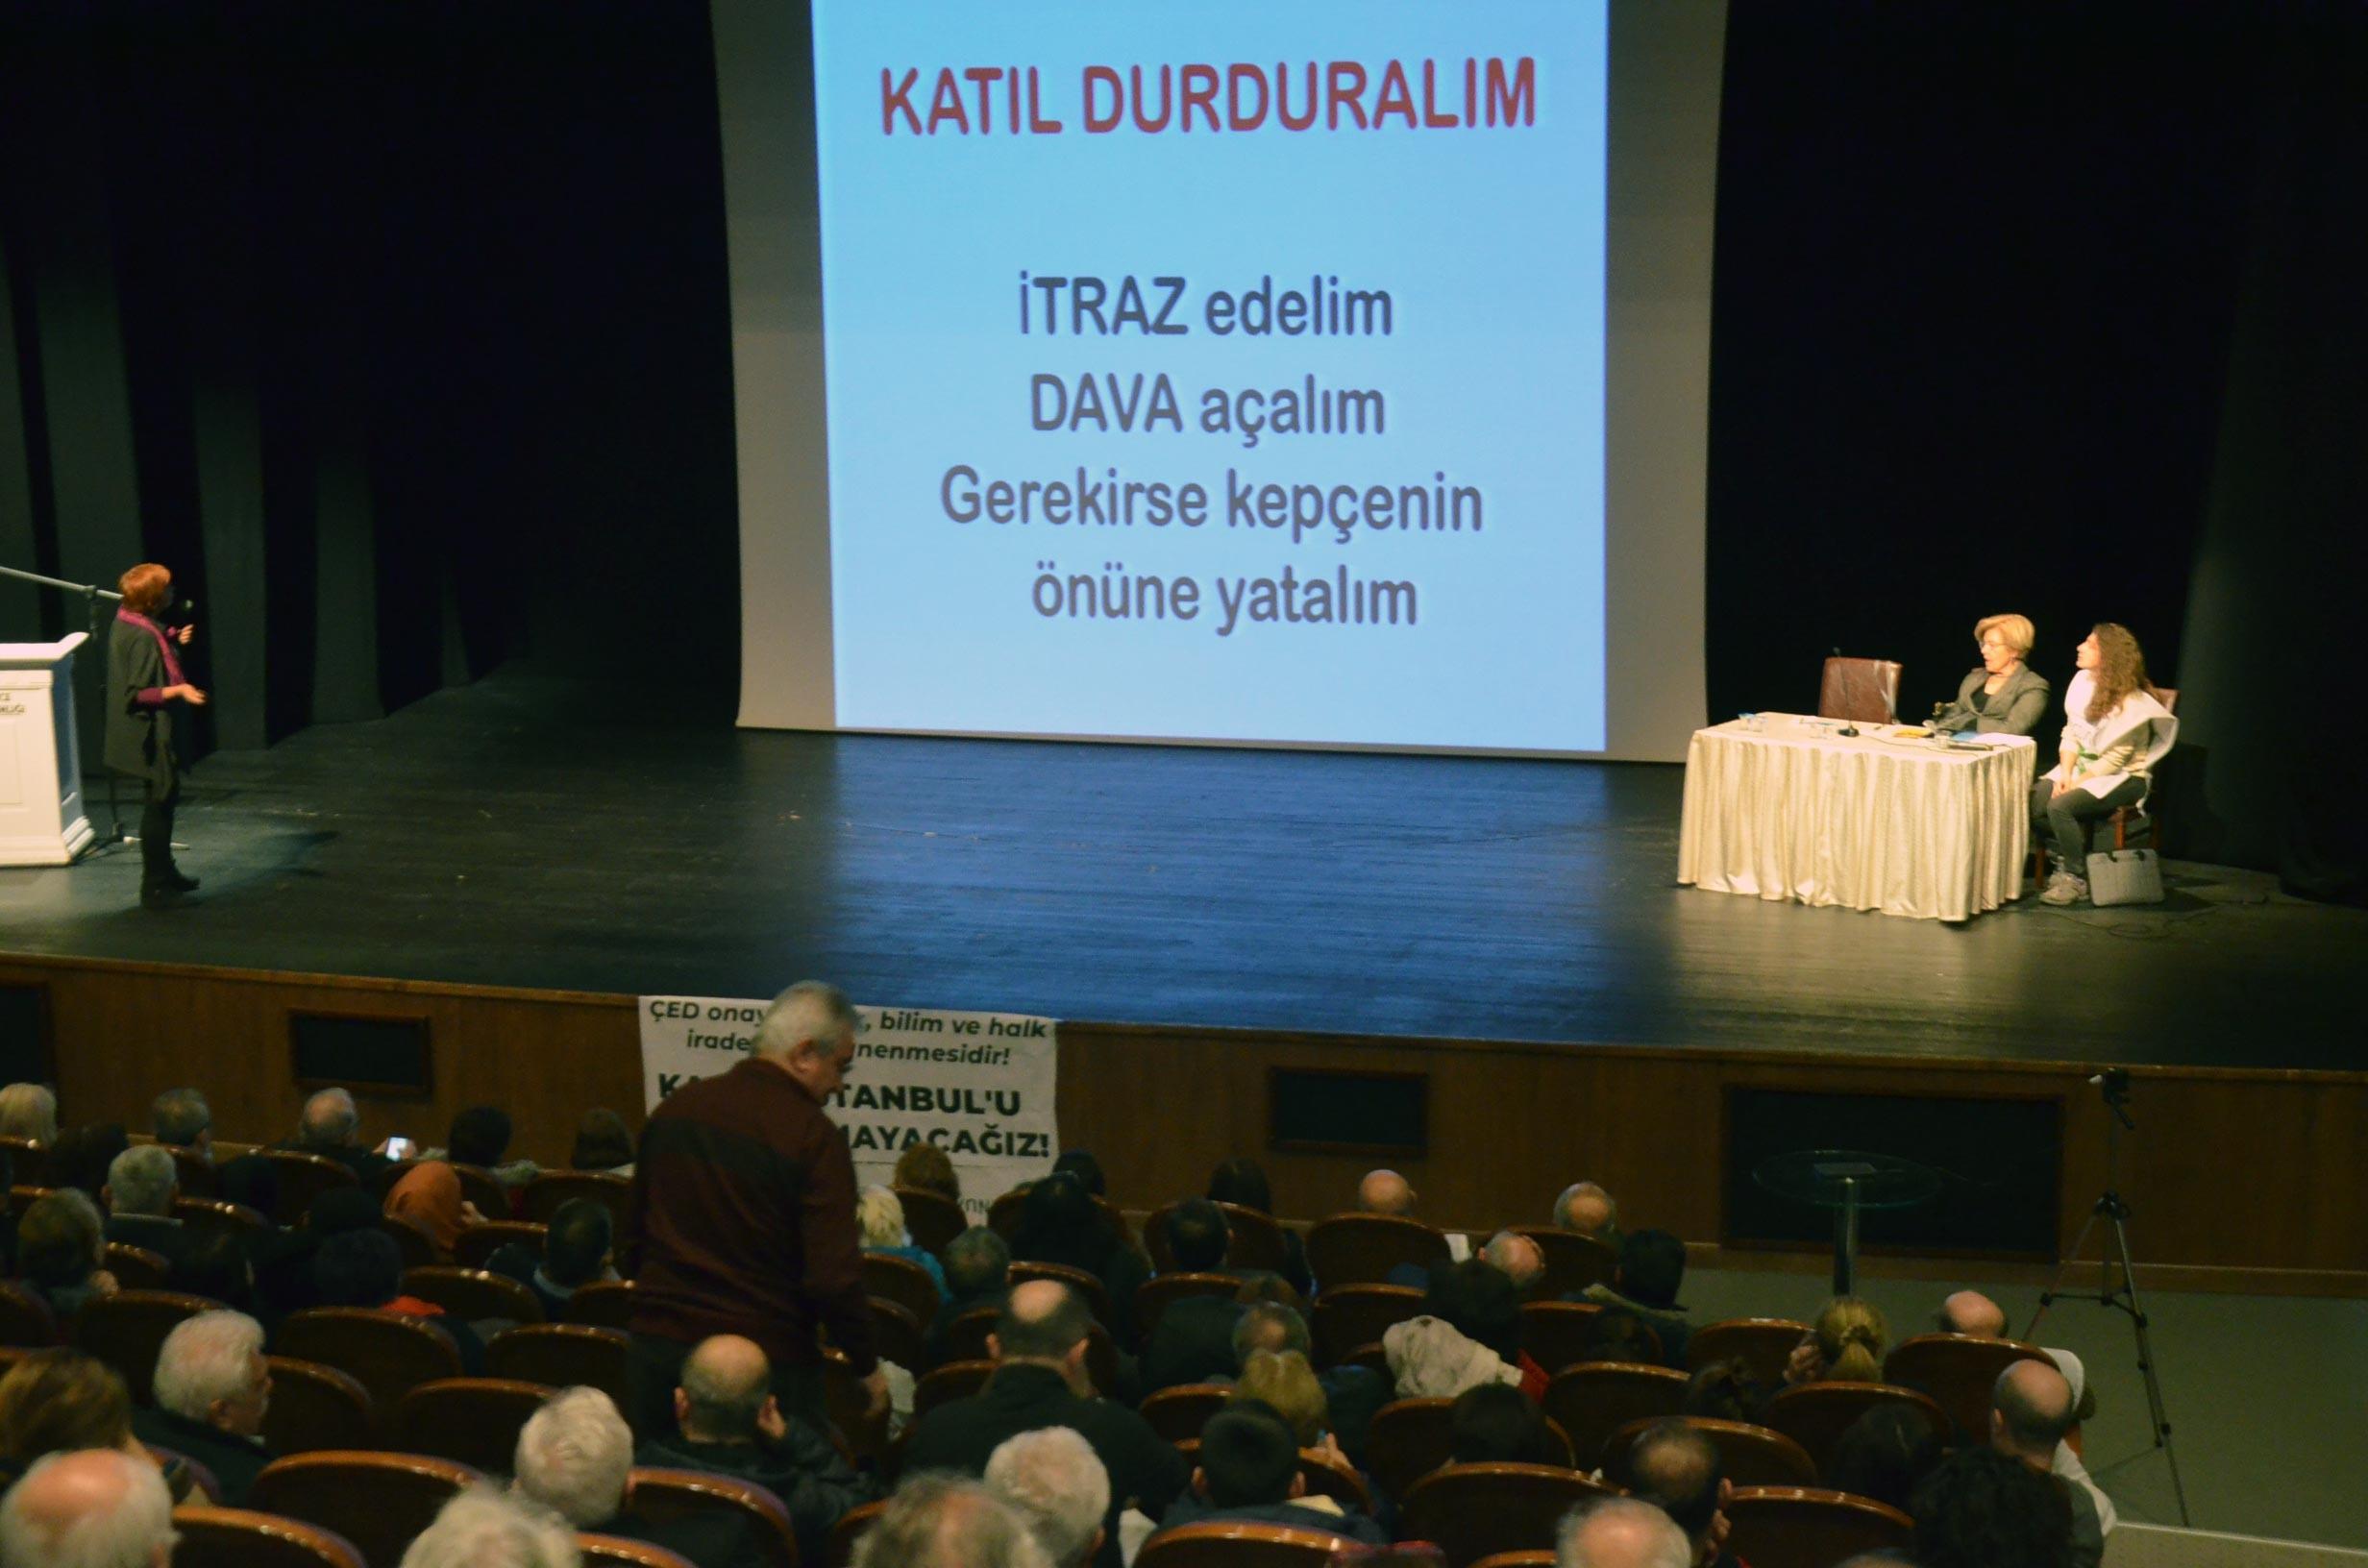 """""""Katili durduralım"""" sloganıyla düzenlenen Kanal İstanbul panelinde sunum yapılıyor"""